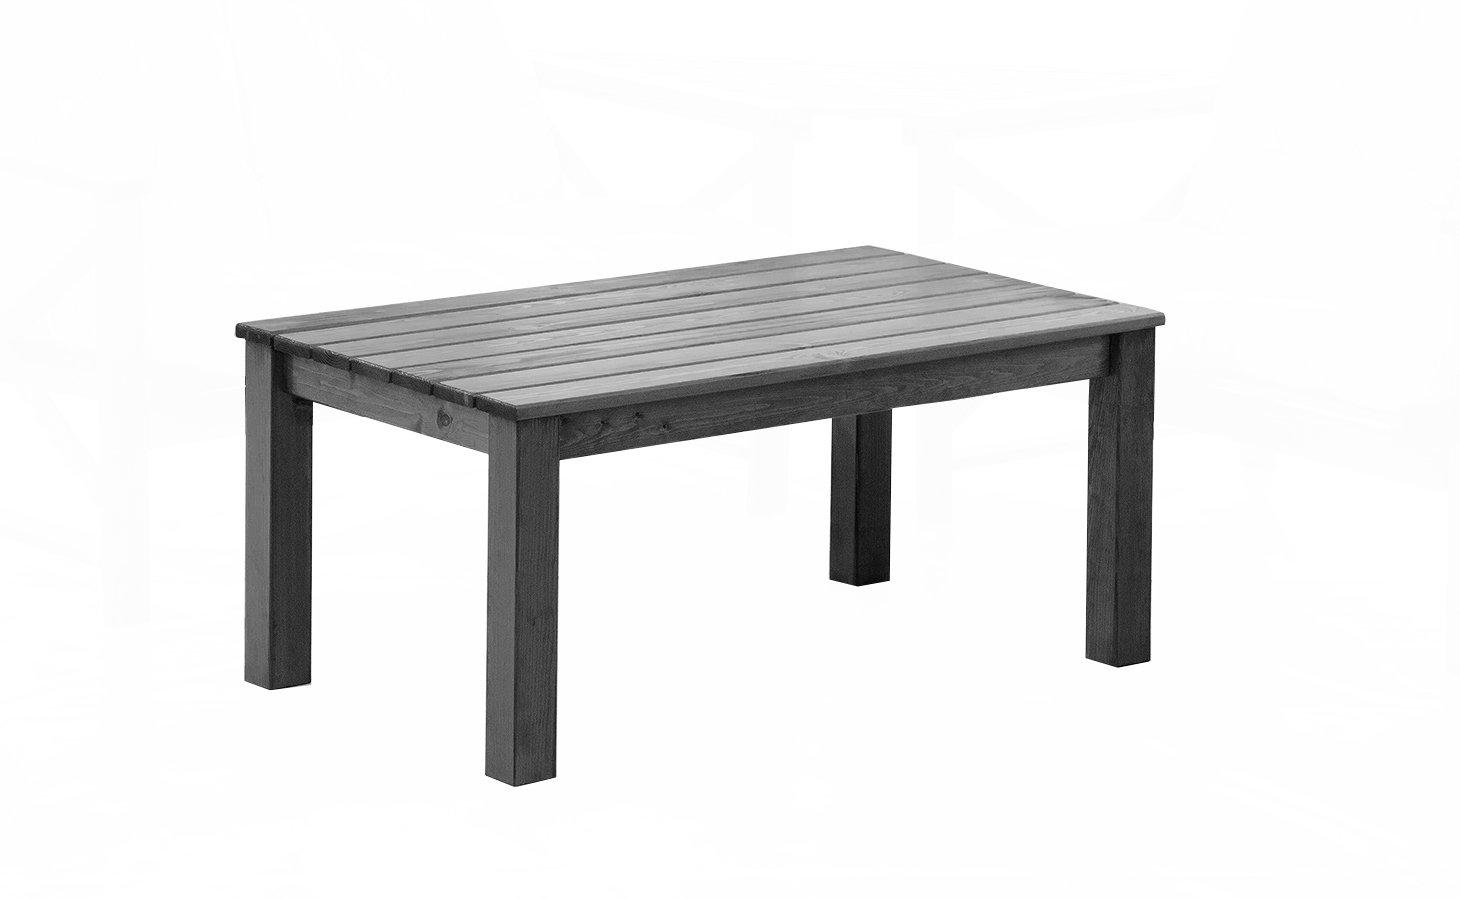 Ambientehome Loungetisch OSLO, 110 x 67 x 50 cm, grau günstig kaufen